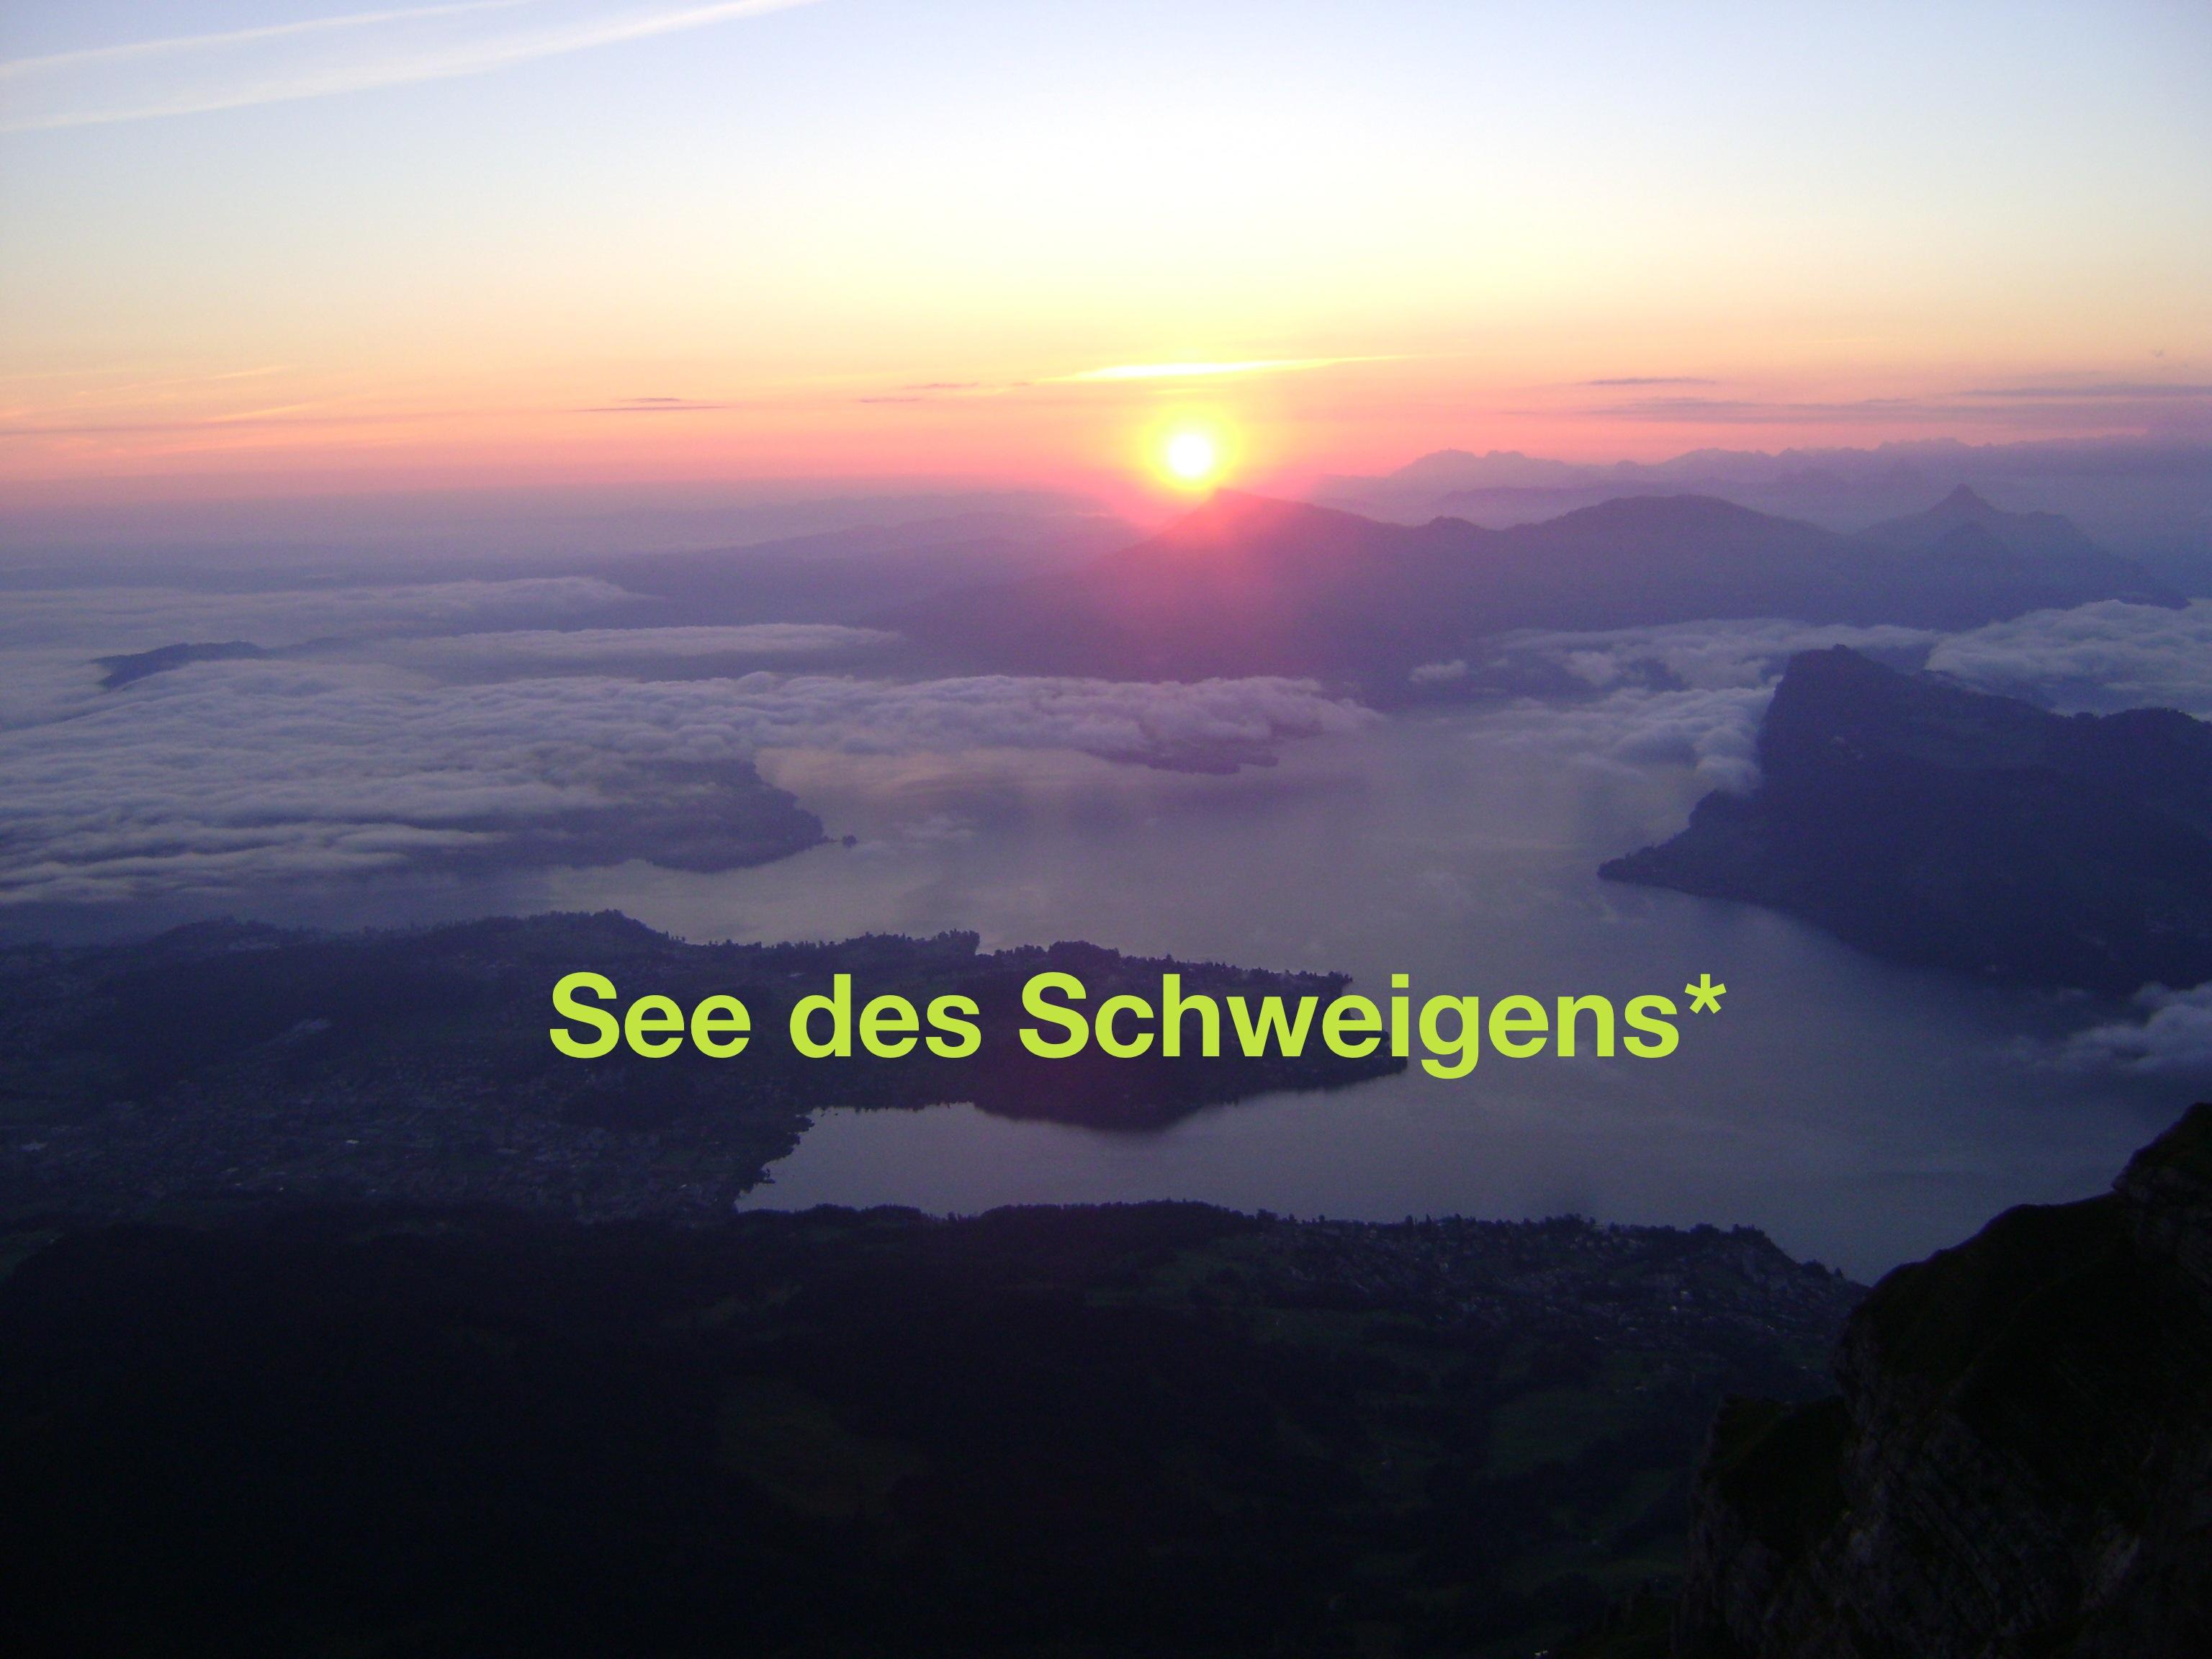 See des Schweigens